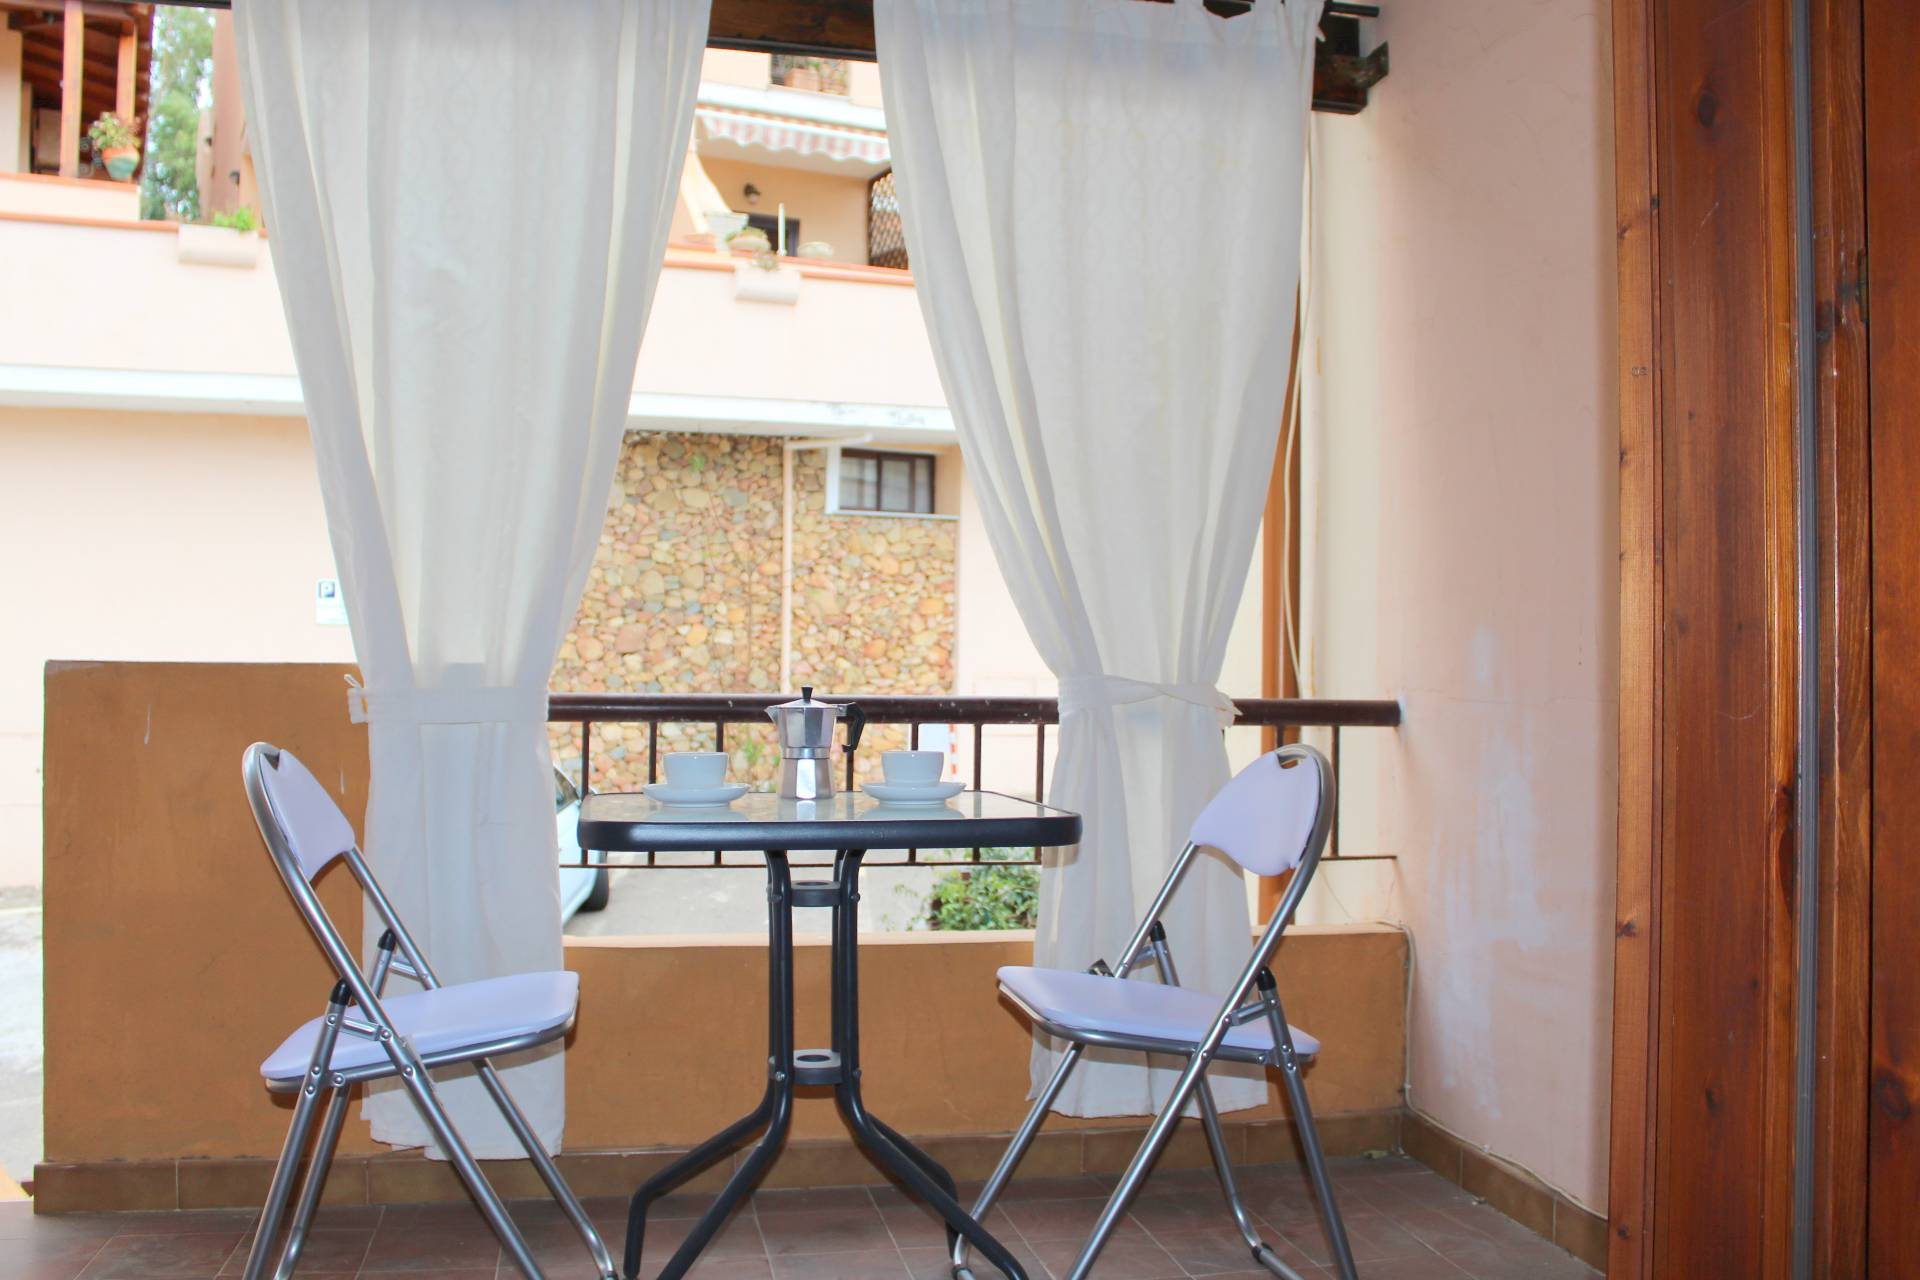 Appartamento in vendita a Villasimius, 2 locali, zona Località: Centro, prezzo € 95.000 | Cambio Casa.it